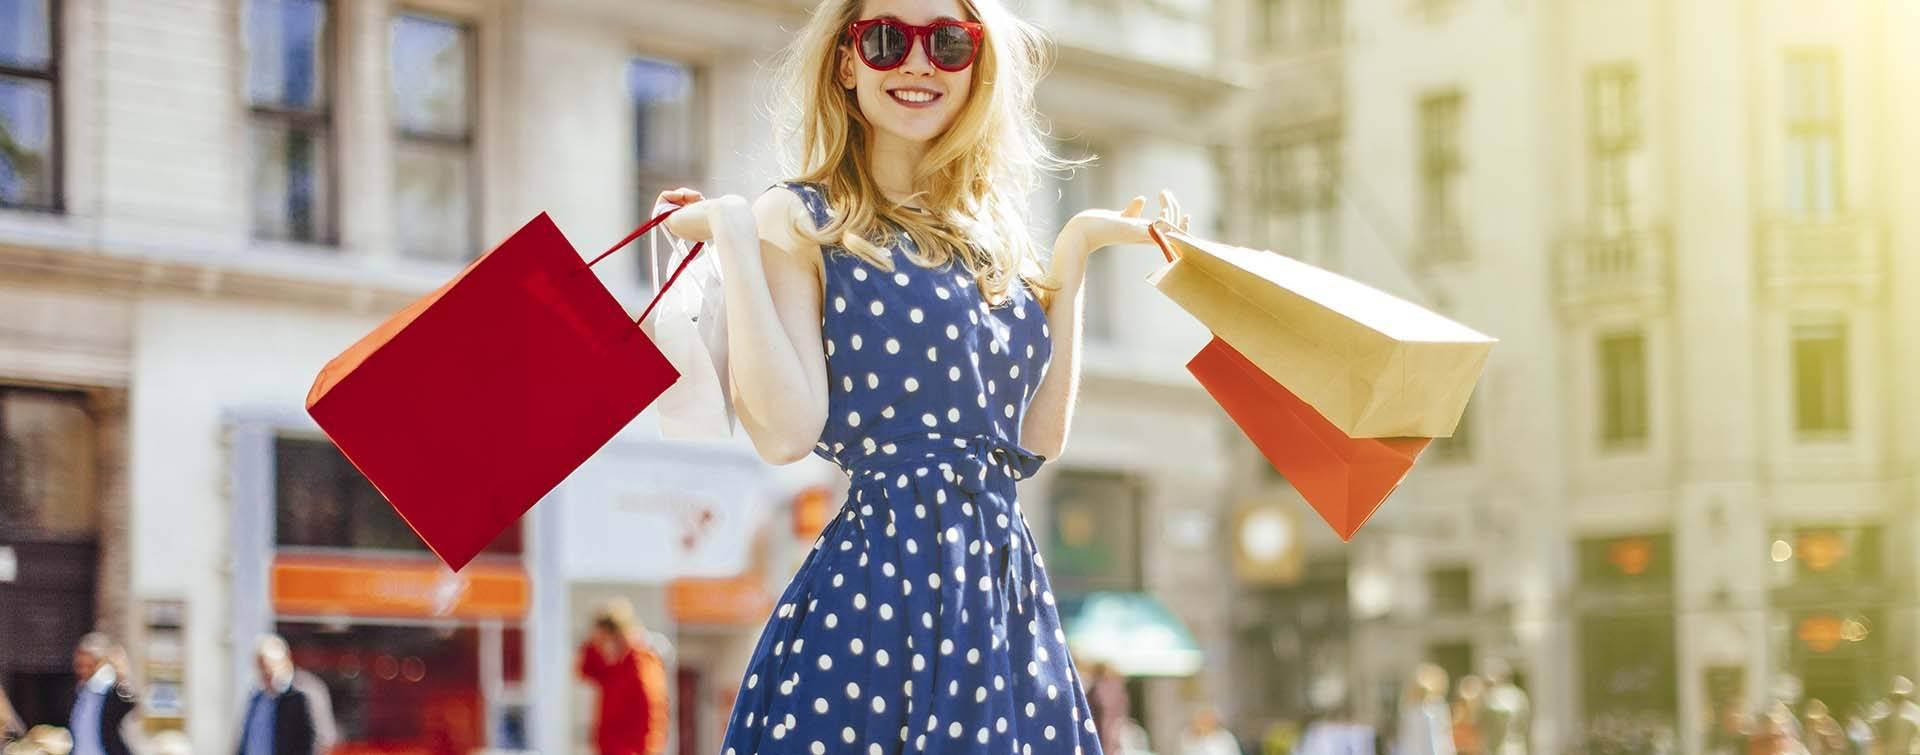 Что привезти из чехии: шоппинг в праге, карловых варах, брно